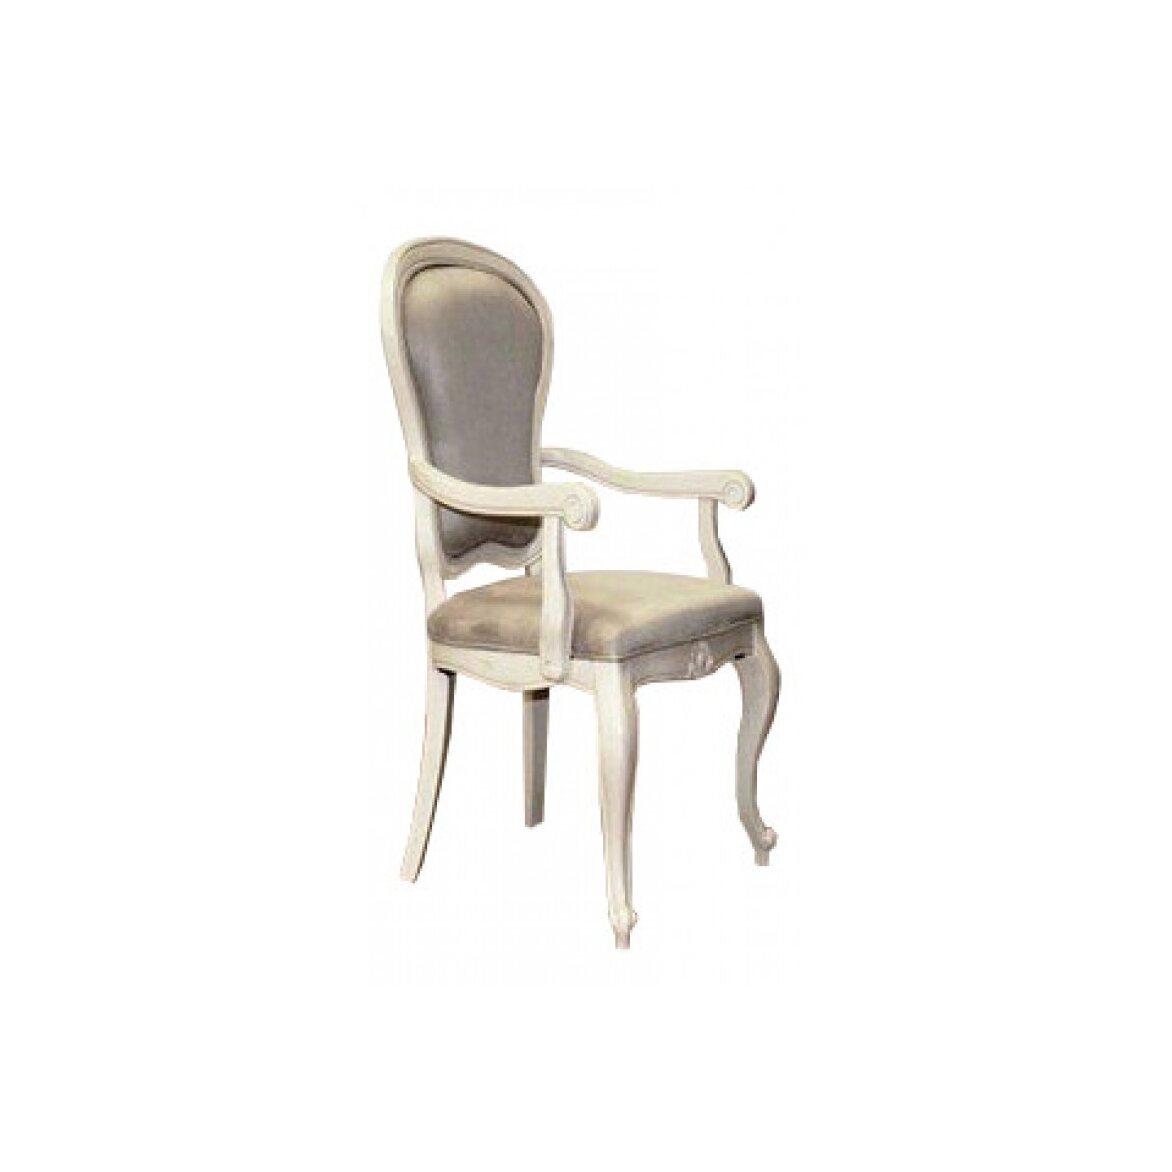 Полукресло с твердыми подлокотниками Leontina, бежевого цвета   Кресло-стул Kingsby